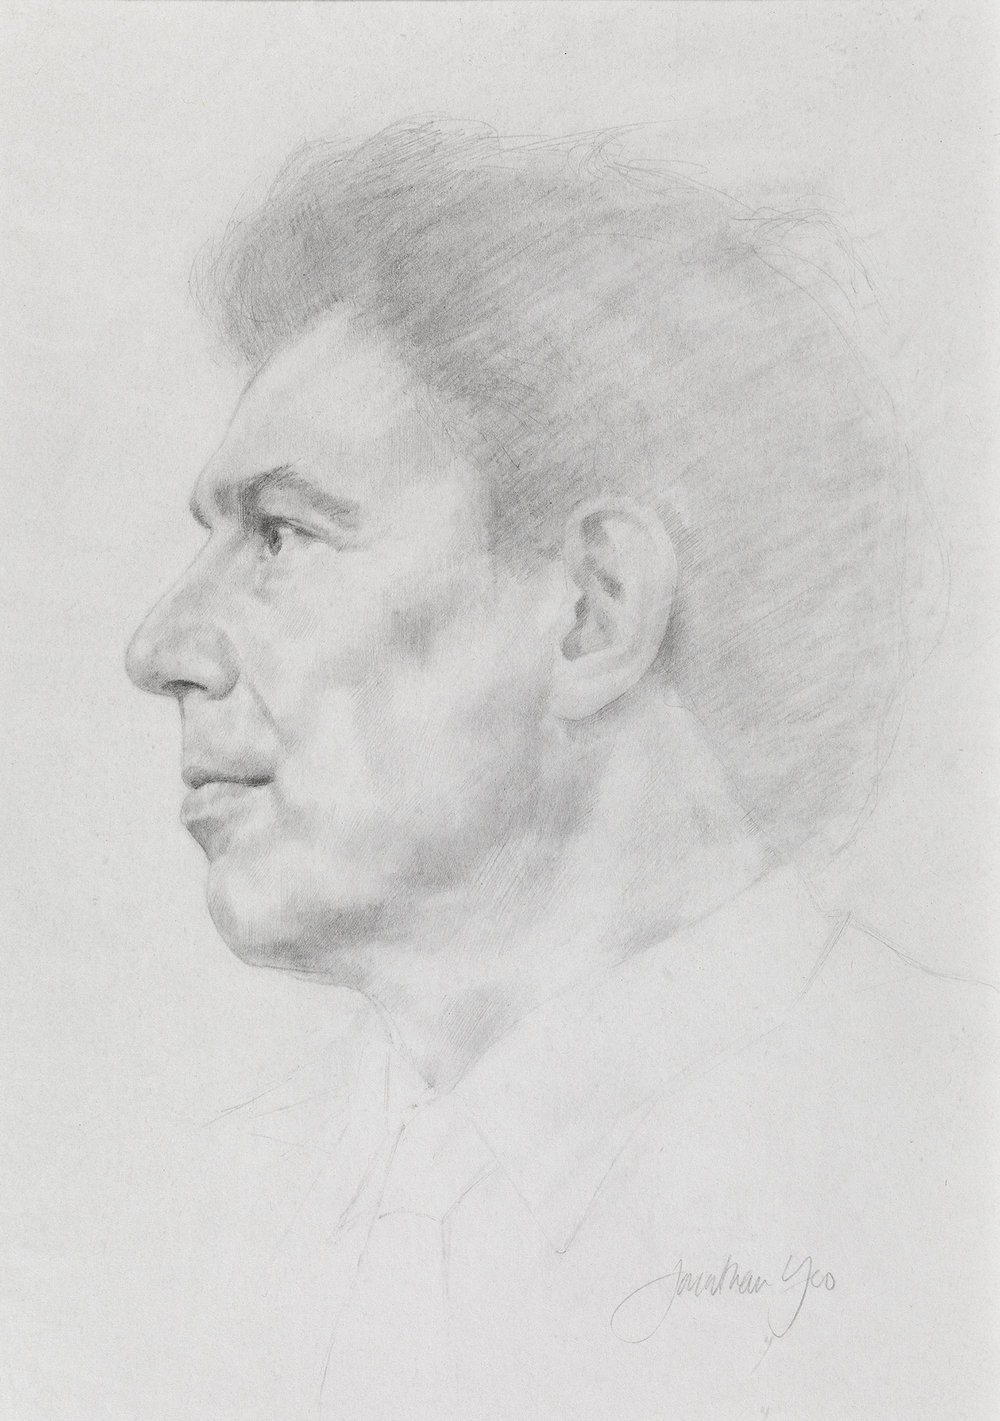 Tony Blair Drawing.jpg